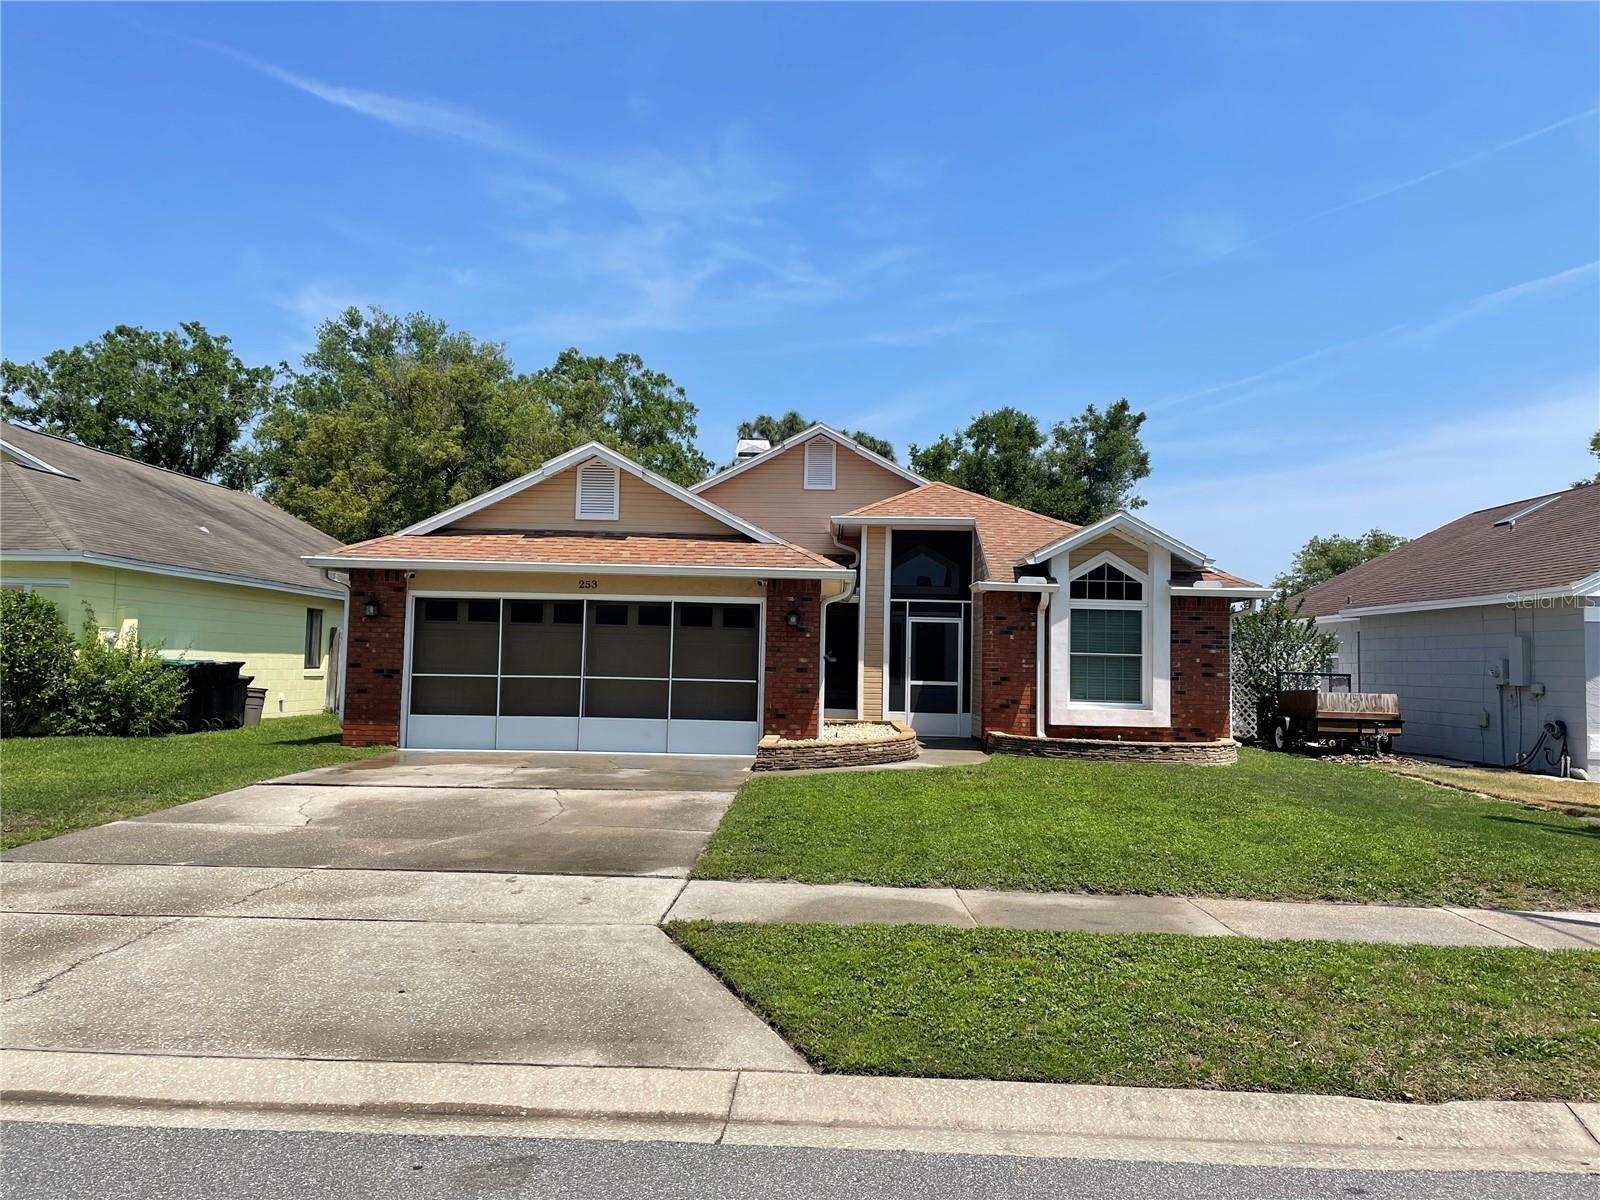 253 RIVER CHASE DRIVE, Orlando, FL 32807 - #: A4505108